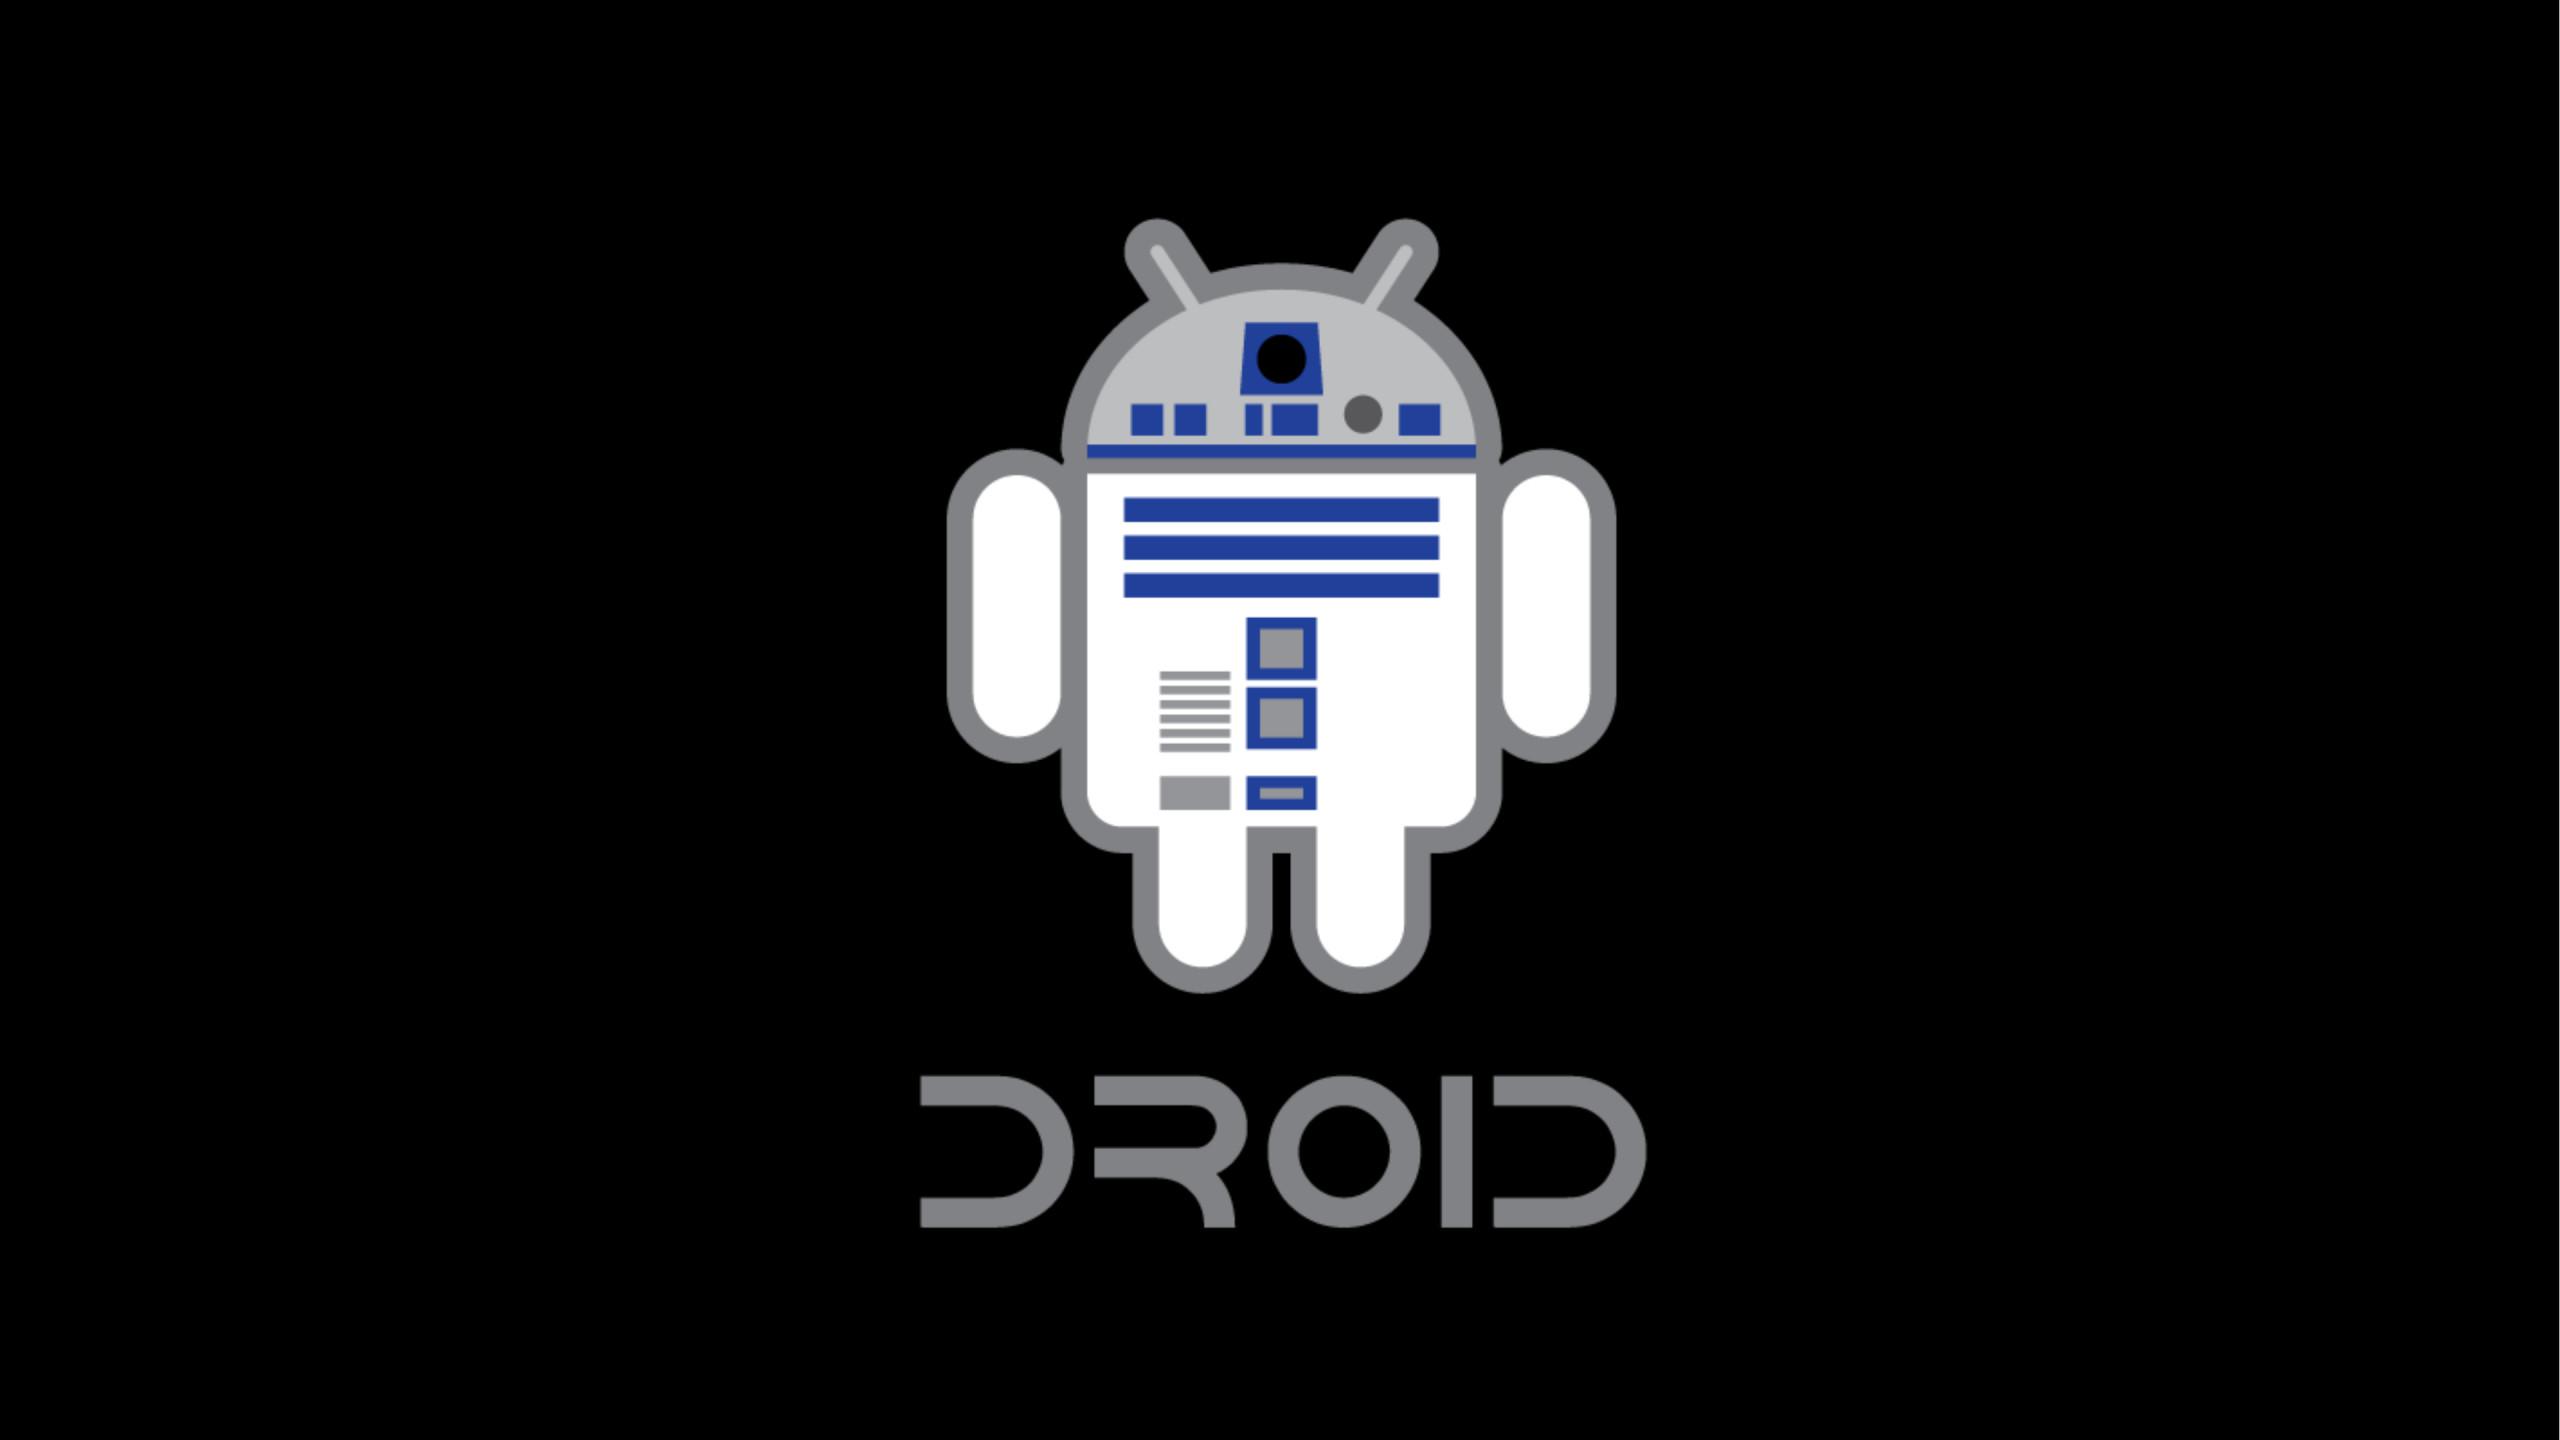 … Star-Wars-Android-Logo-4K-Wallpaper-2560×1440